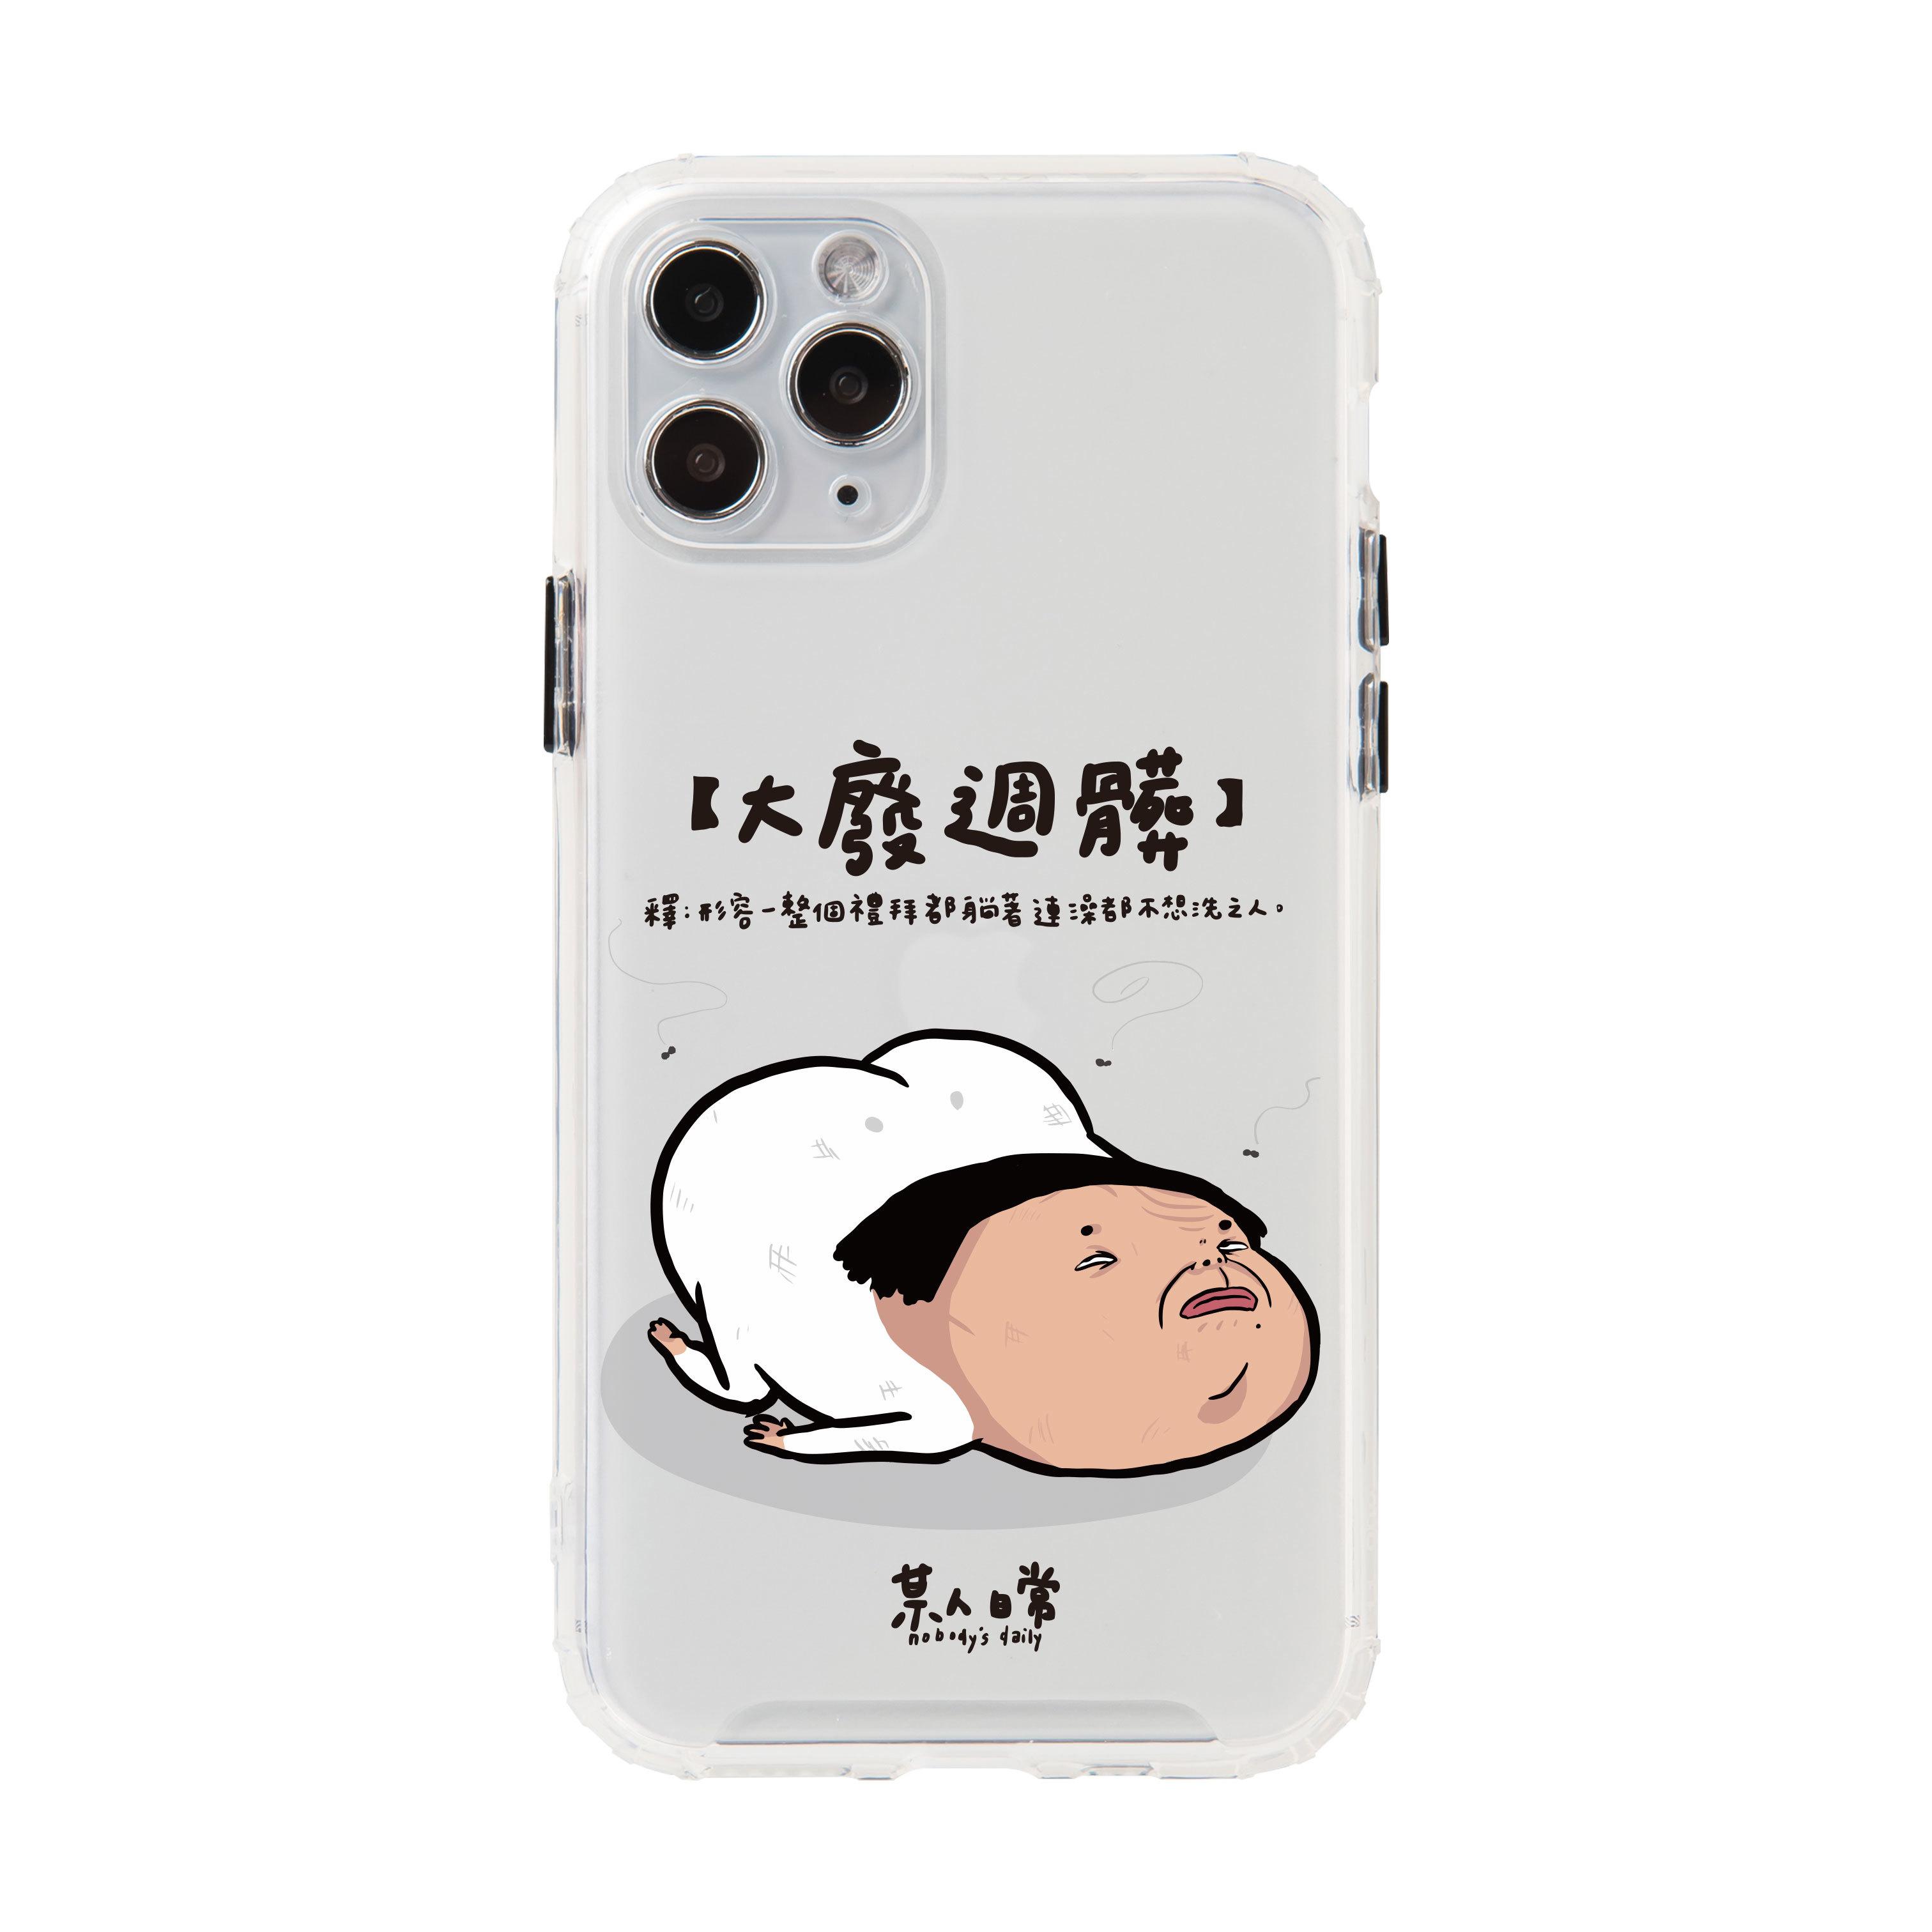 【插畫家聯名】某人日常大廢週髒霧面防摔iPhone手機殼